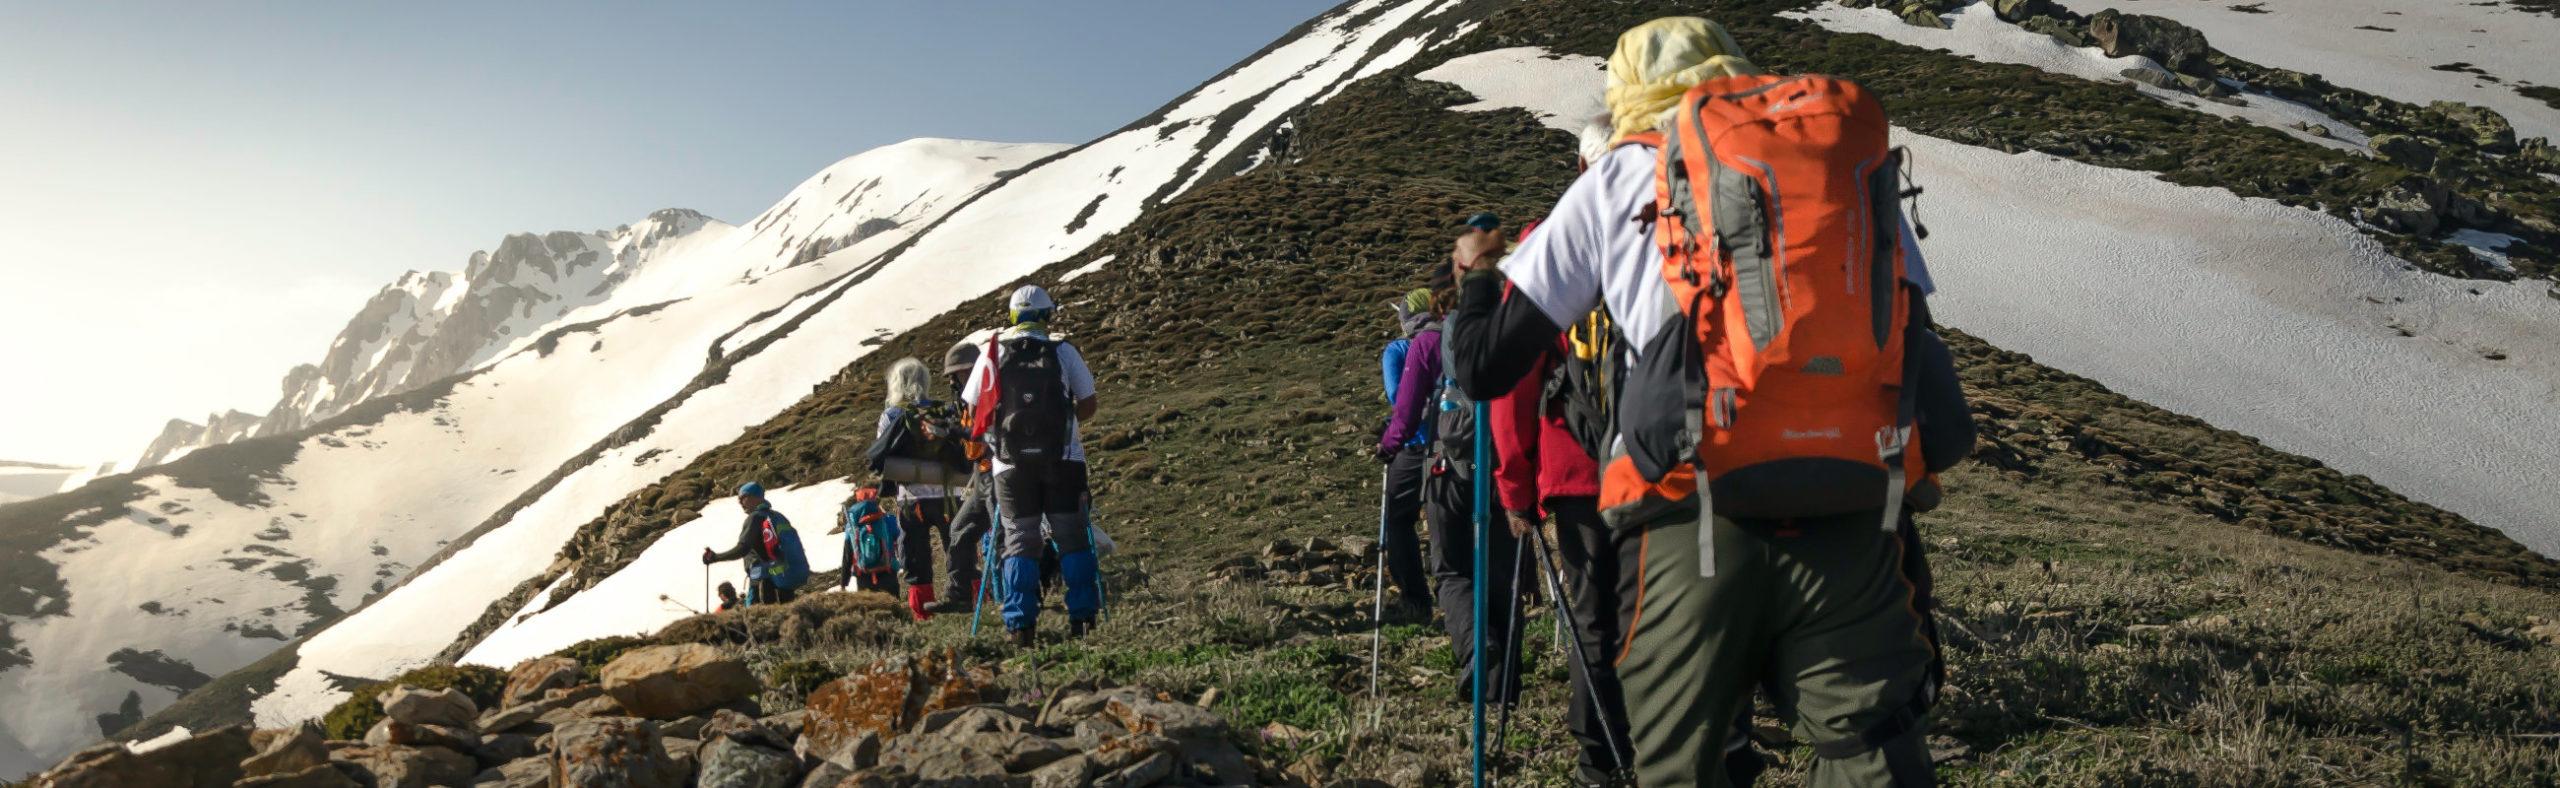 Eine Wandergruppe mit großen Backpacker-Rucksäcken marschiert durch eine Berglandschaft